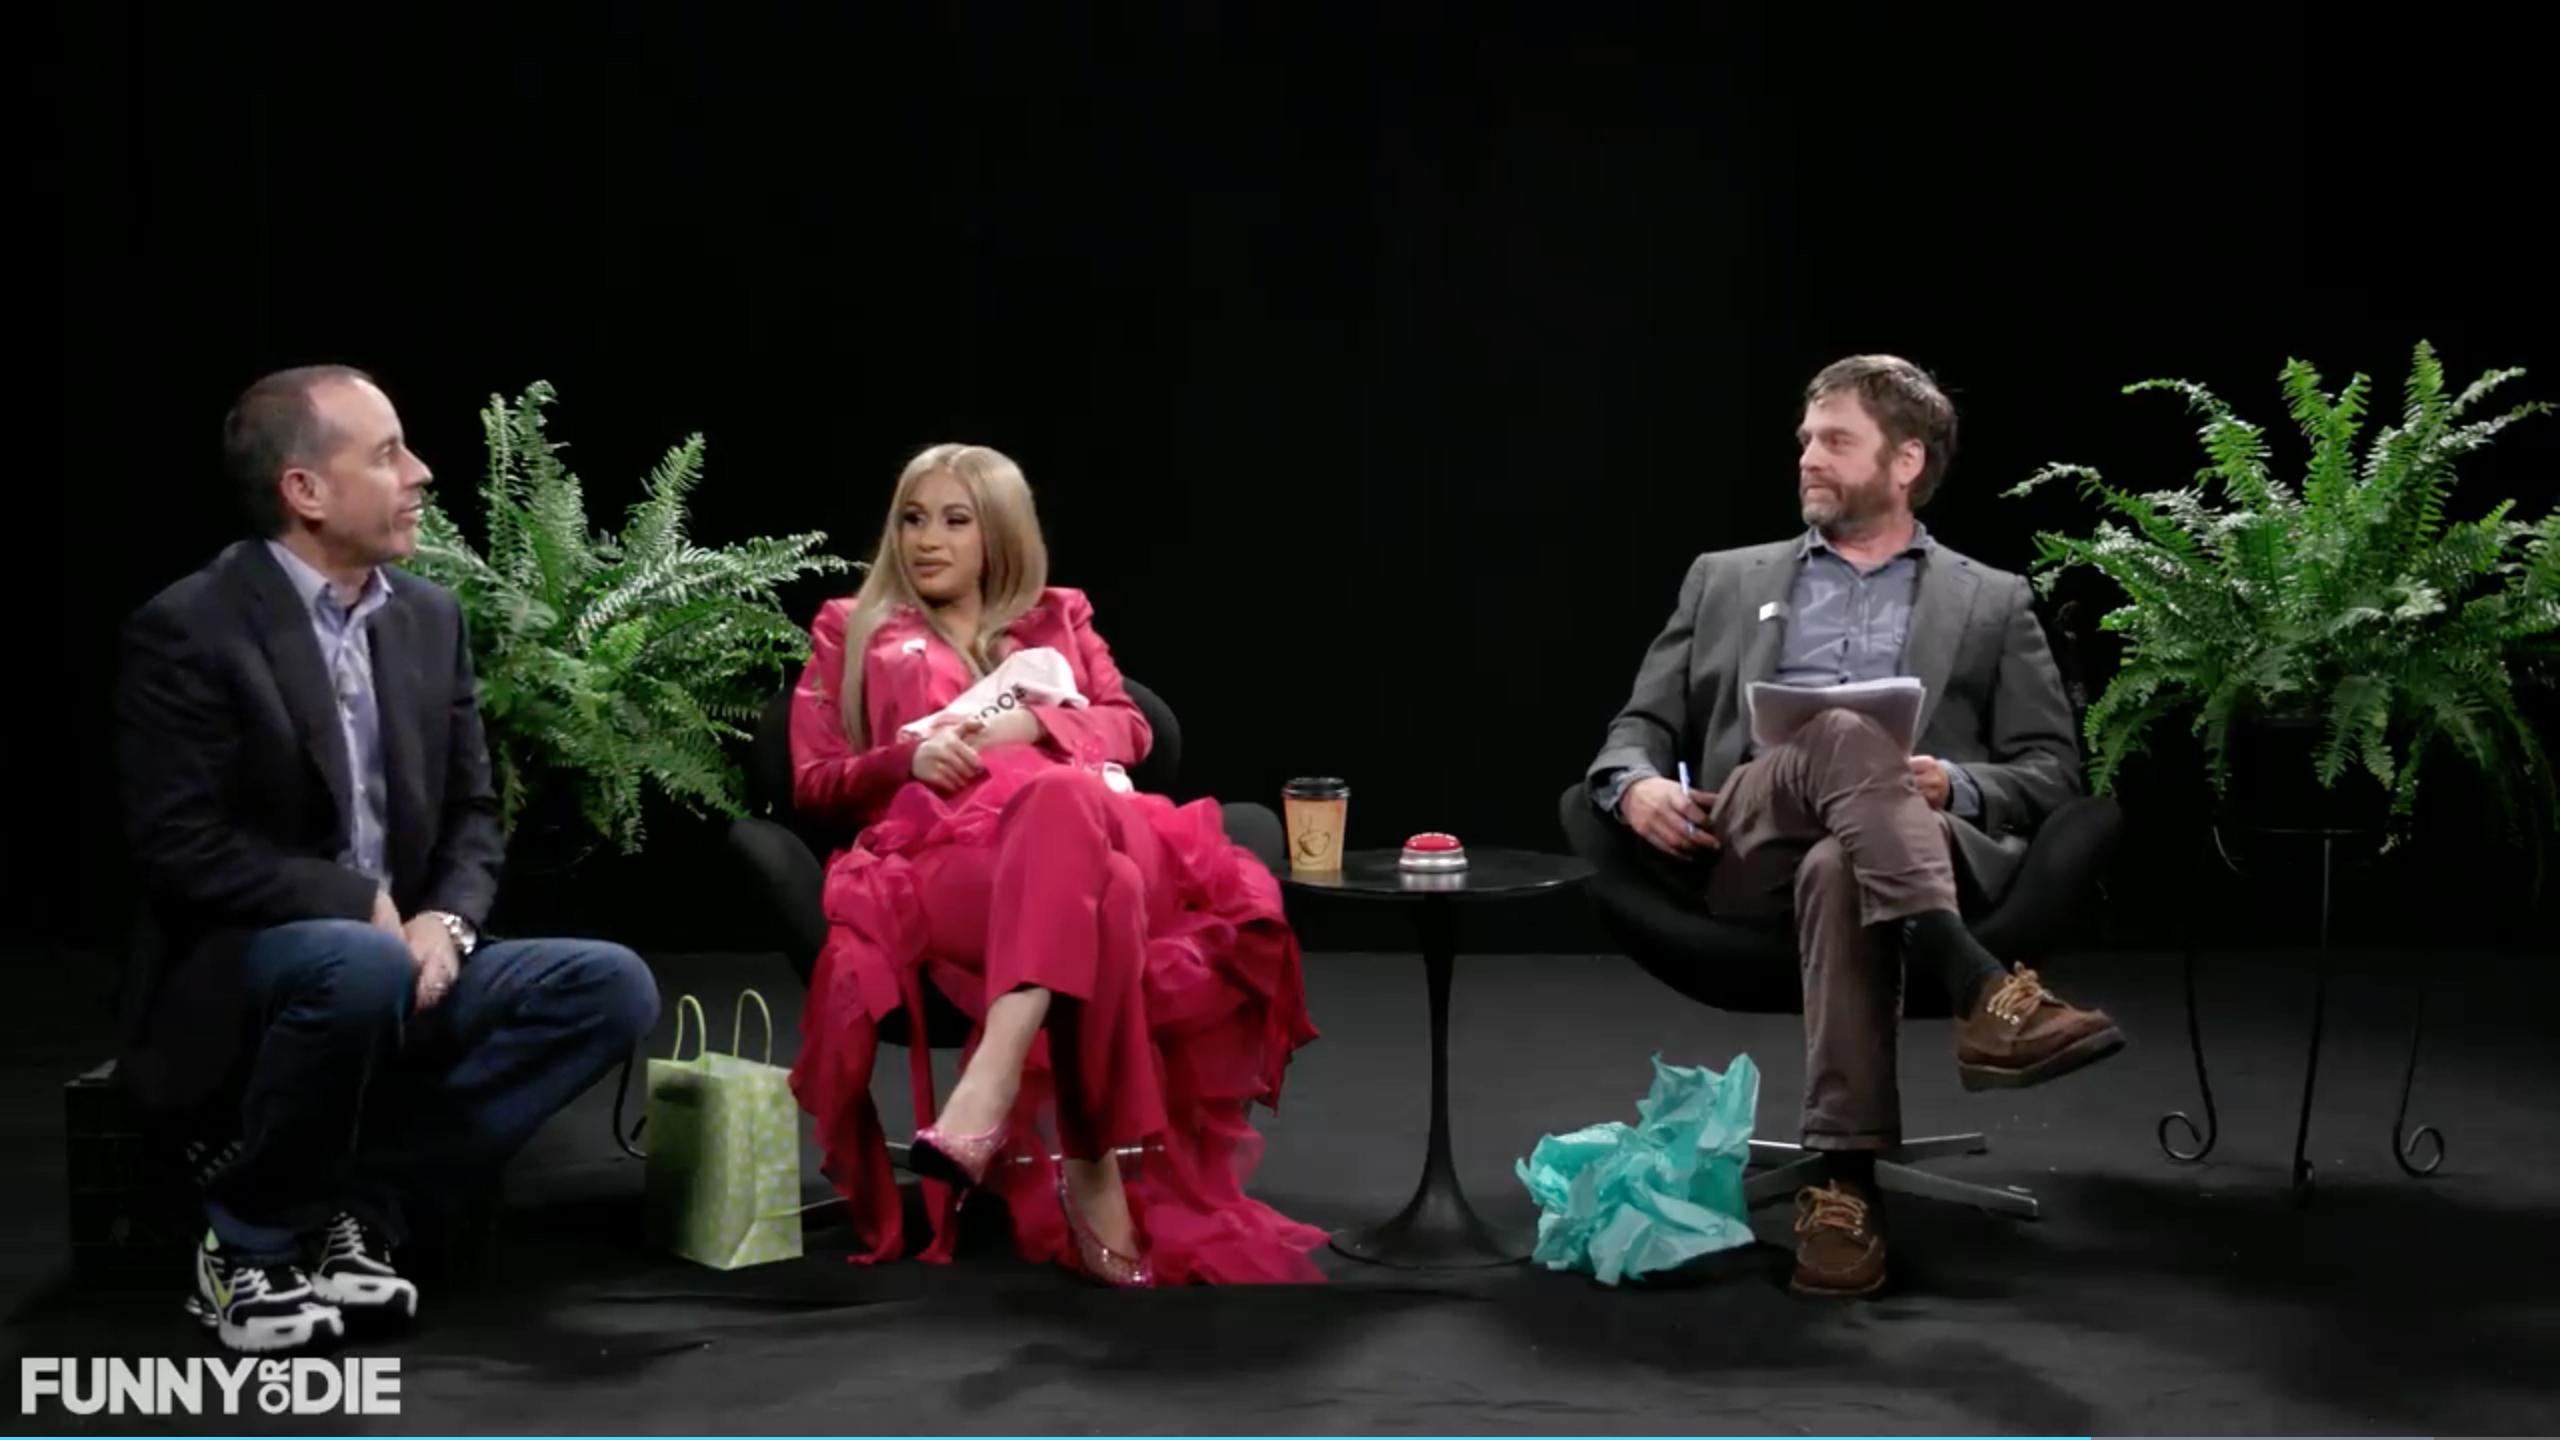 Zach Galifianakis Plots 'Between Two Ferns' Movie